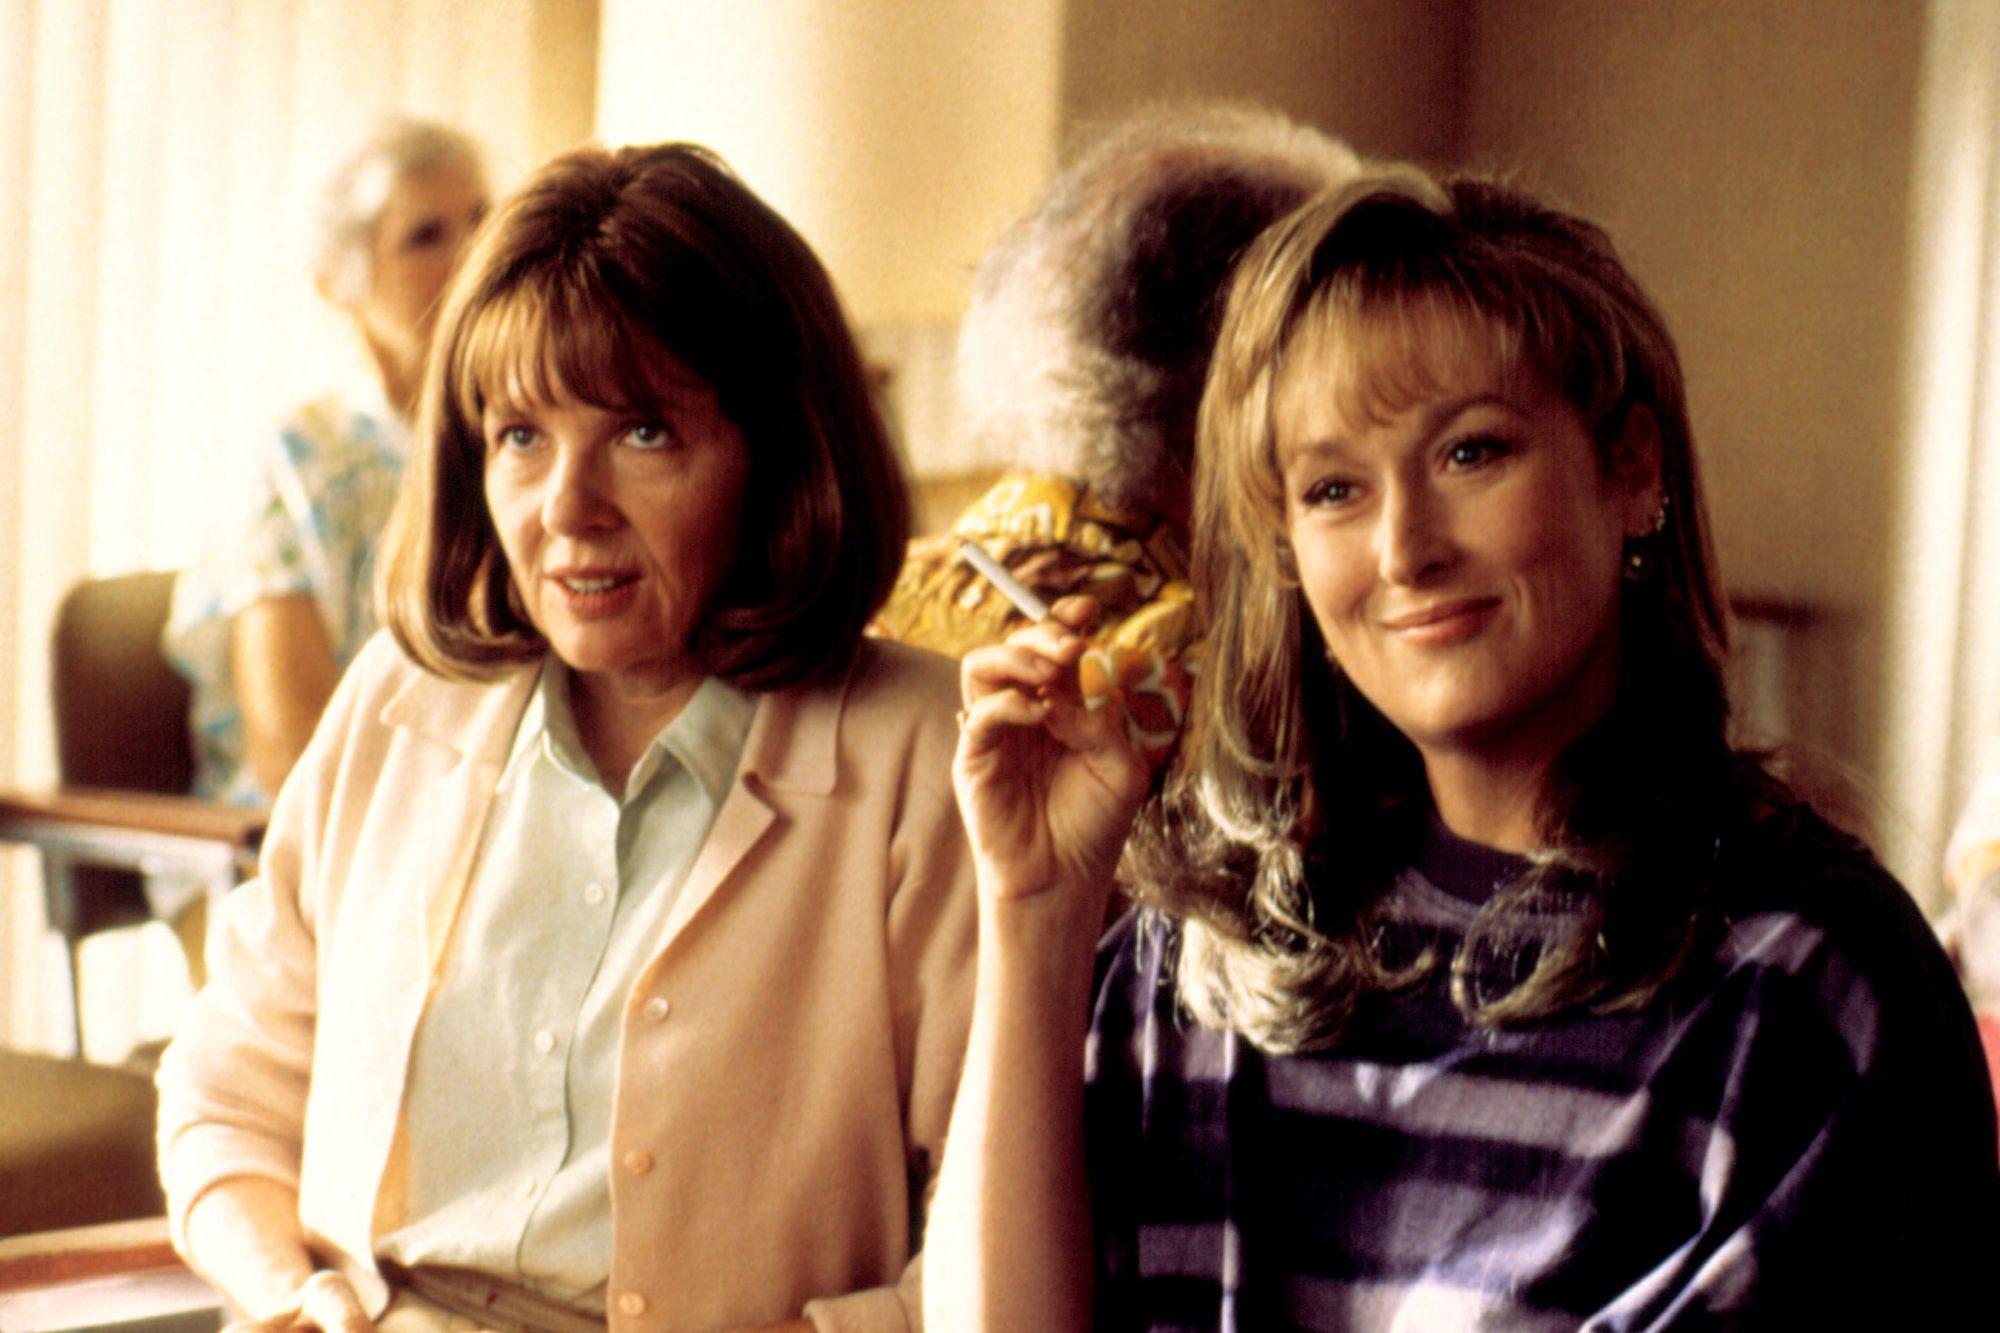 MARVIN'S ROOM, Diane Keaton, Meryl Streep, 1996